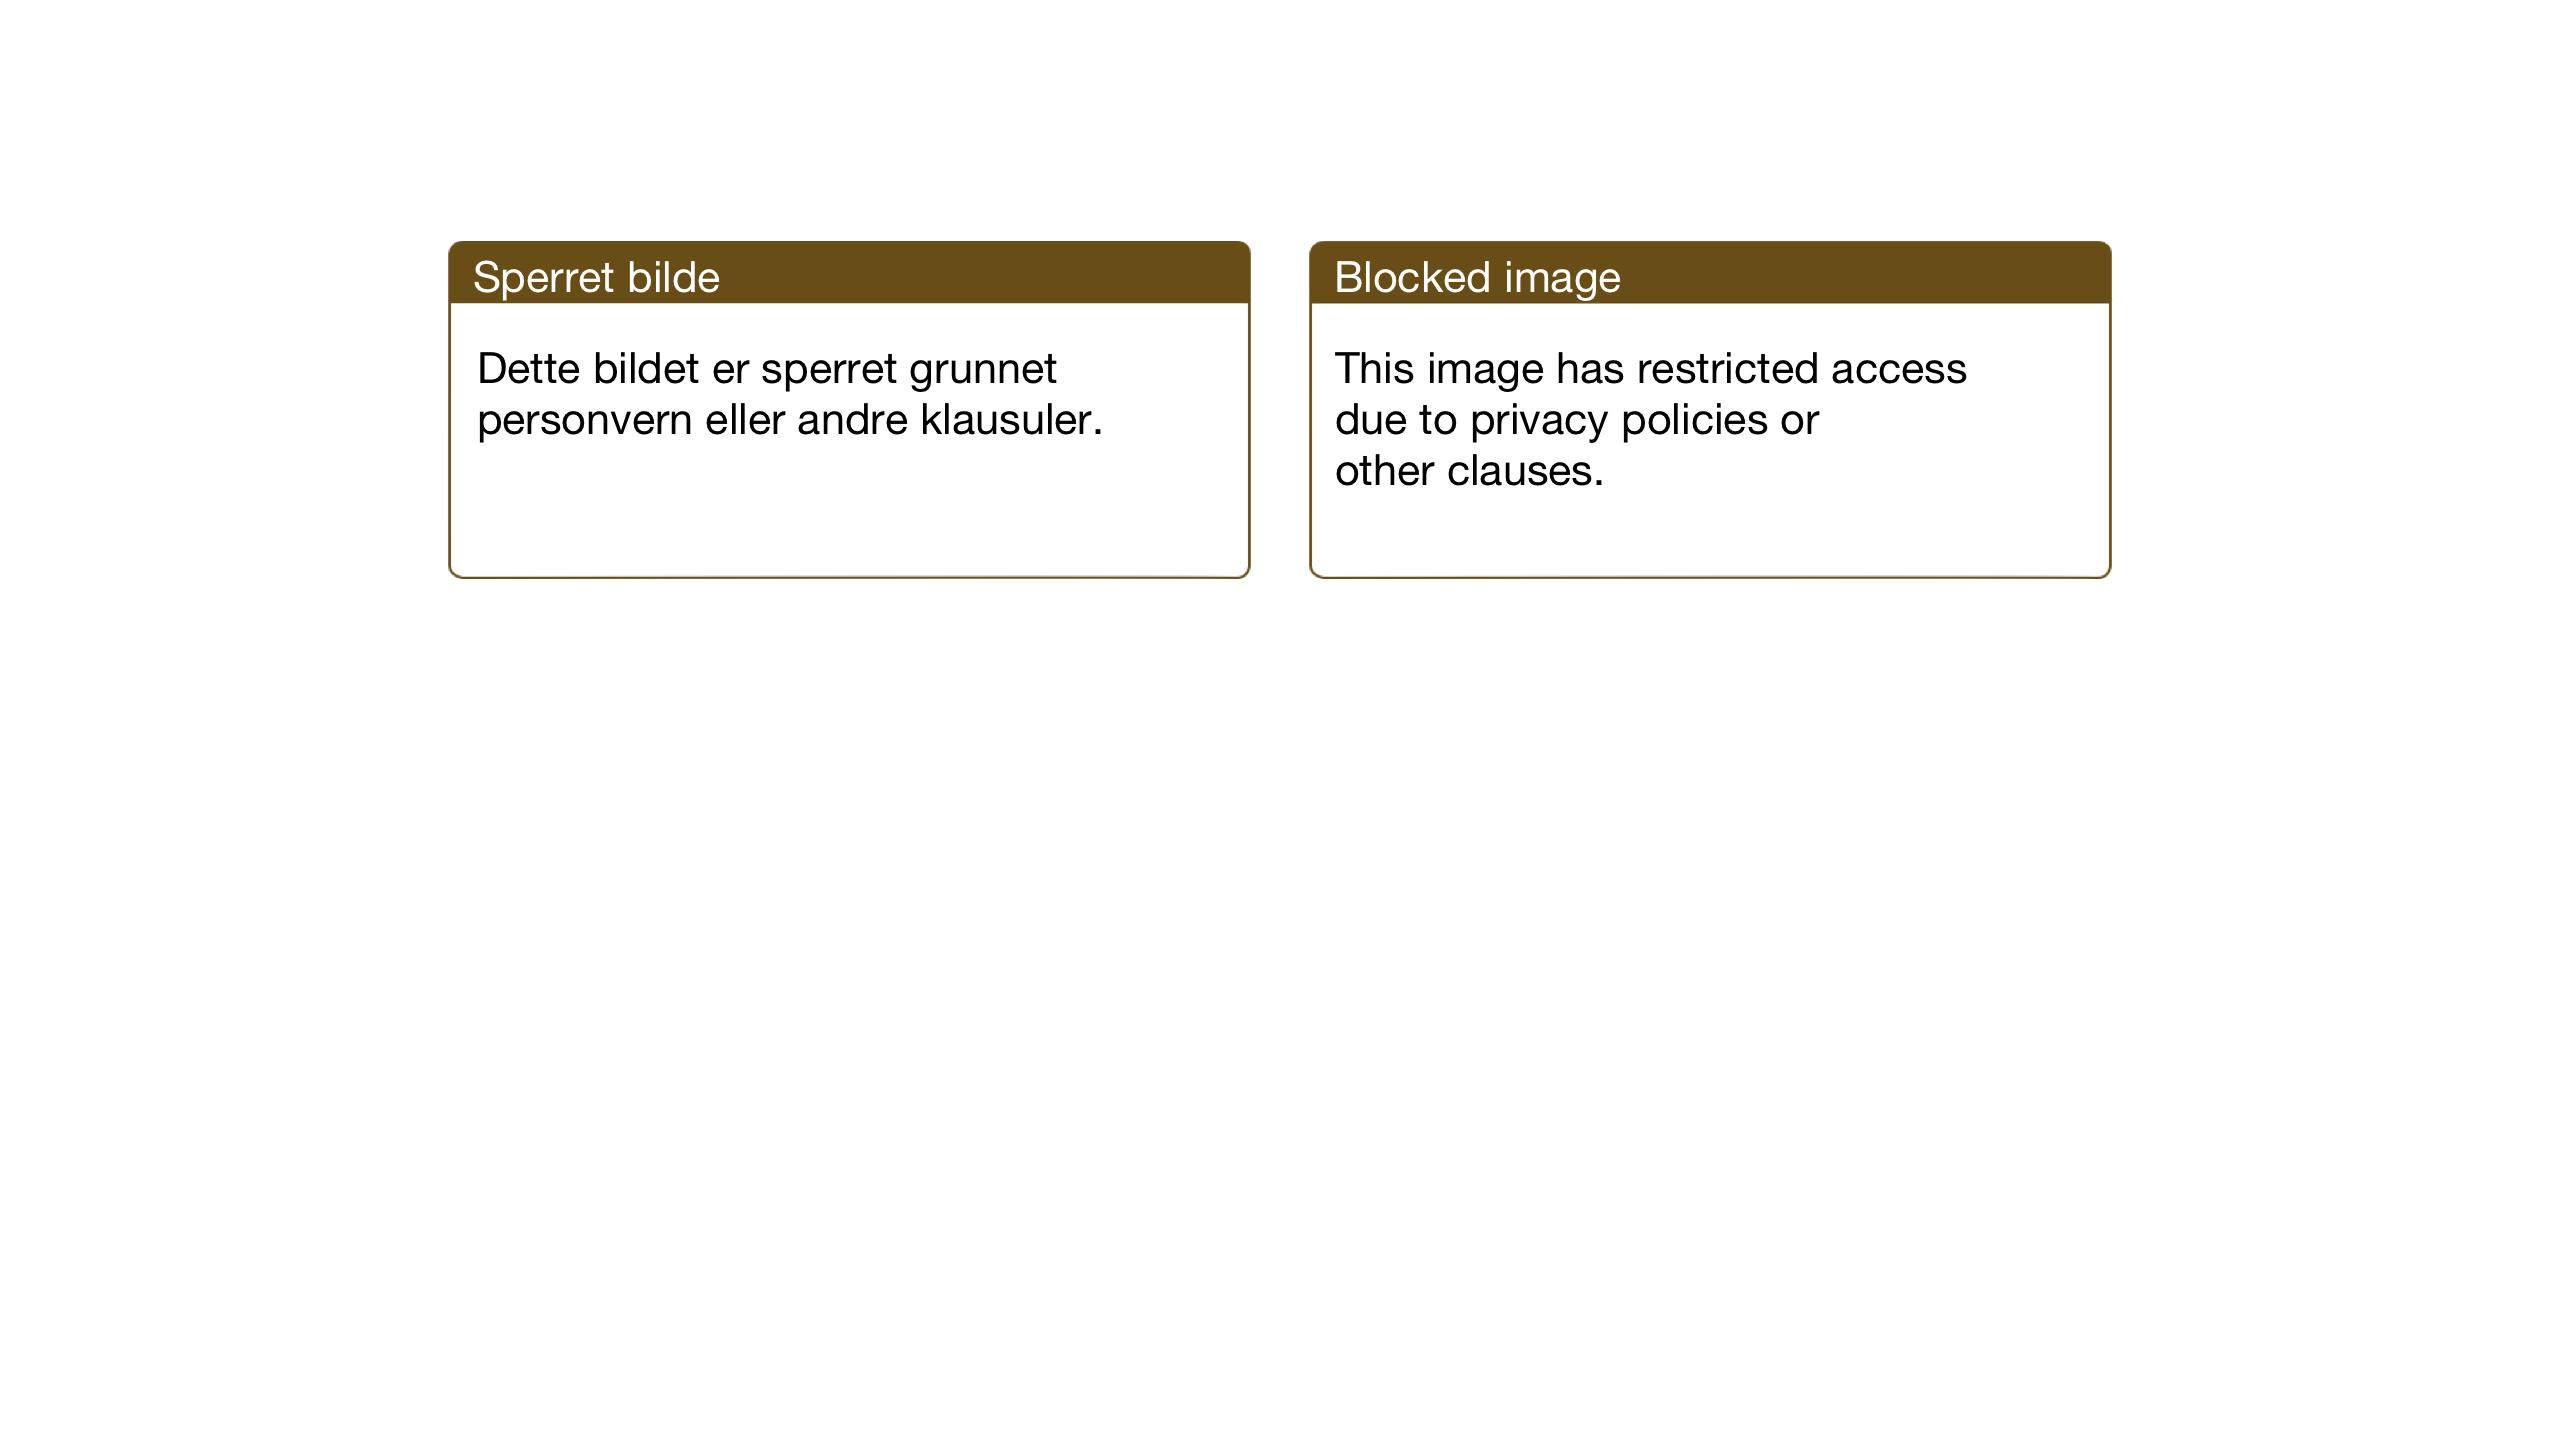 SAT, Ministerialprotokoller, klokkerbøker og fødselsregistre - Sør-Trøndelag, 618/L0454: Klokkerbok nr. 618C05, 1926-1946, s. 16